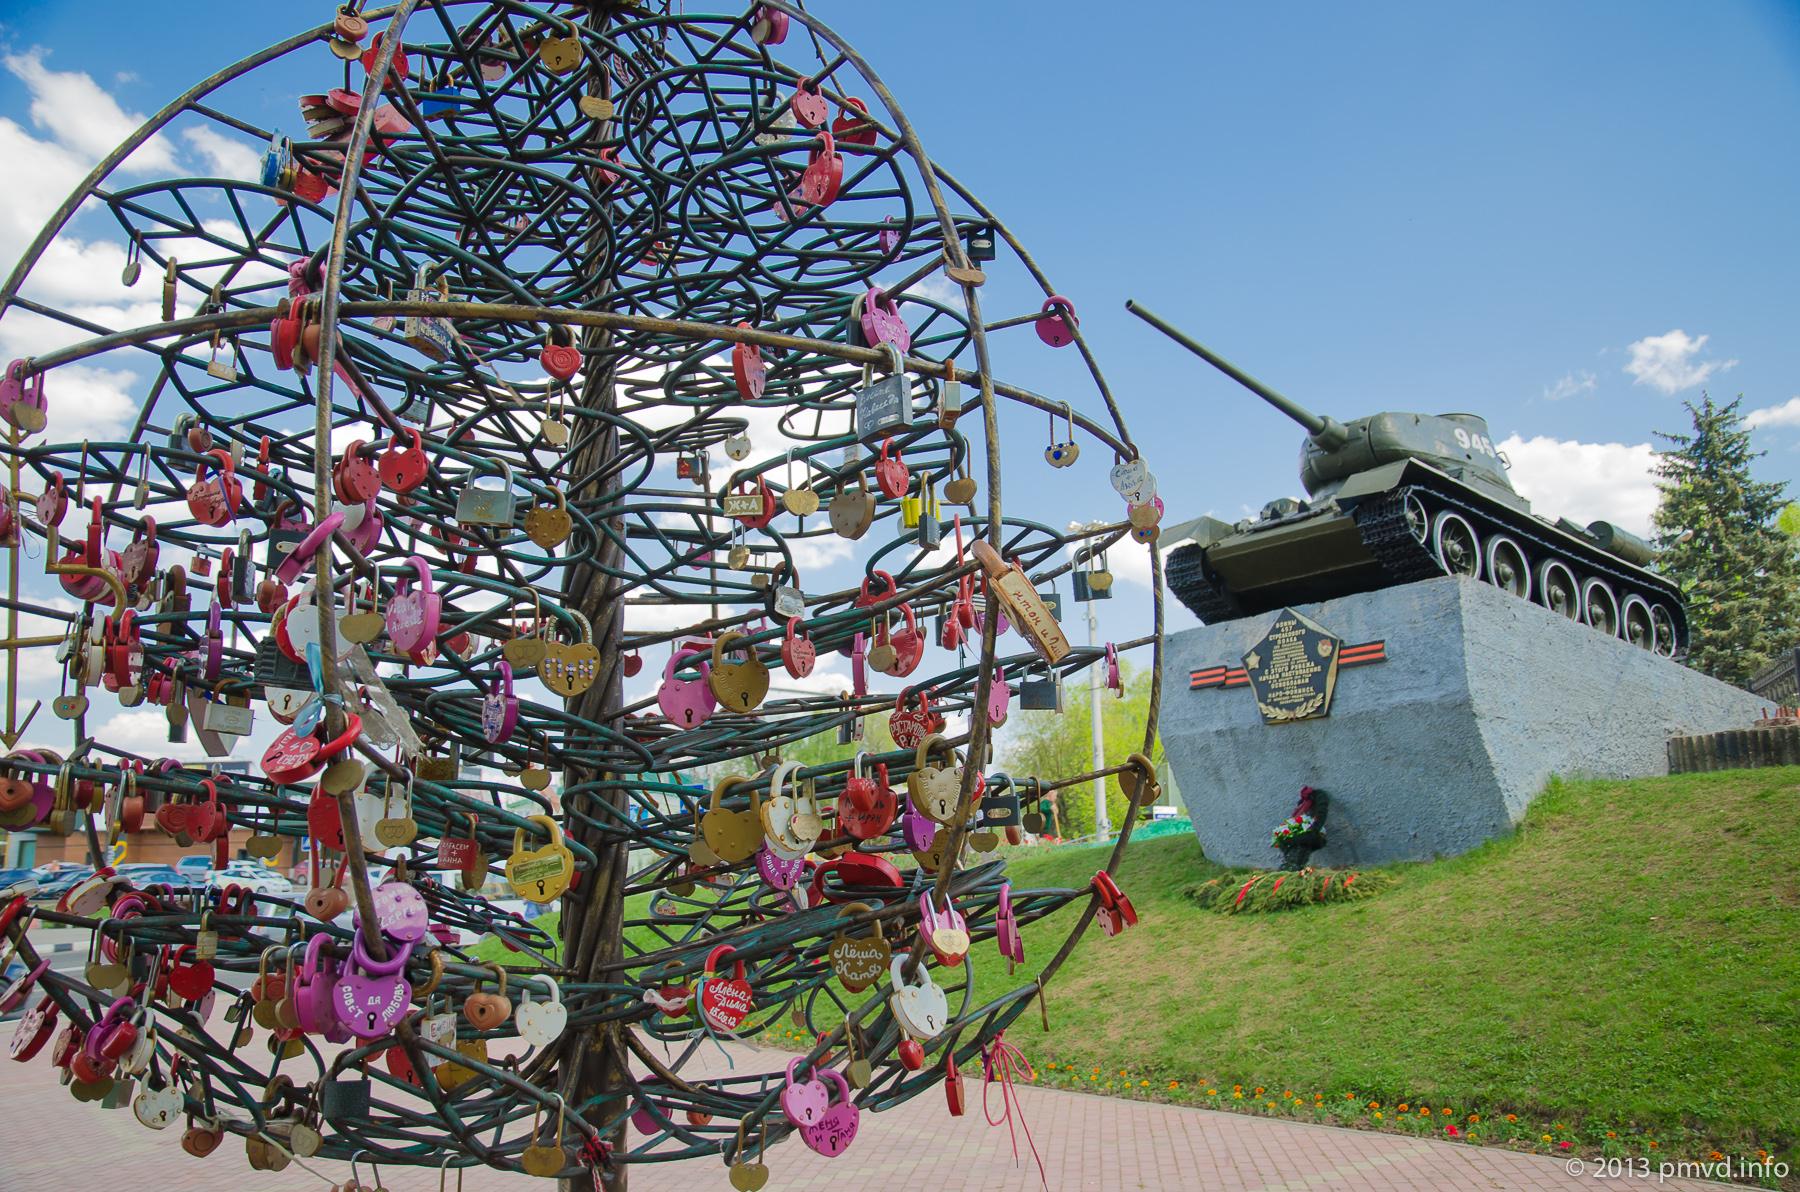 Дерево для новобрачных с замочками. Наро-Фоминск.